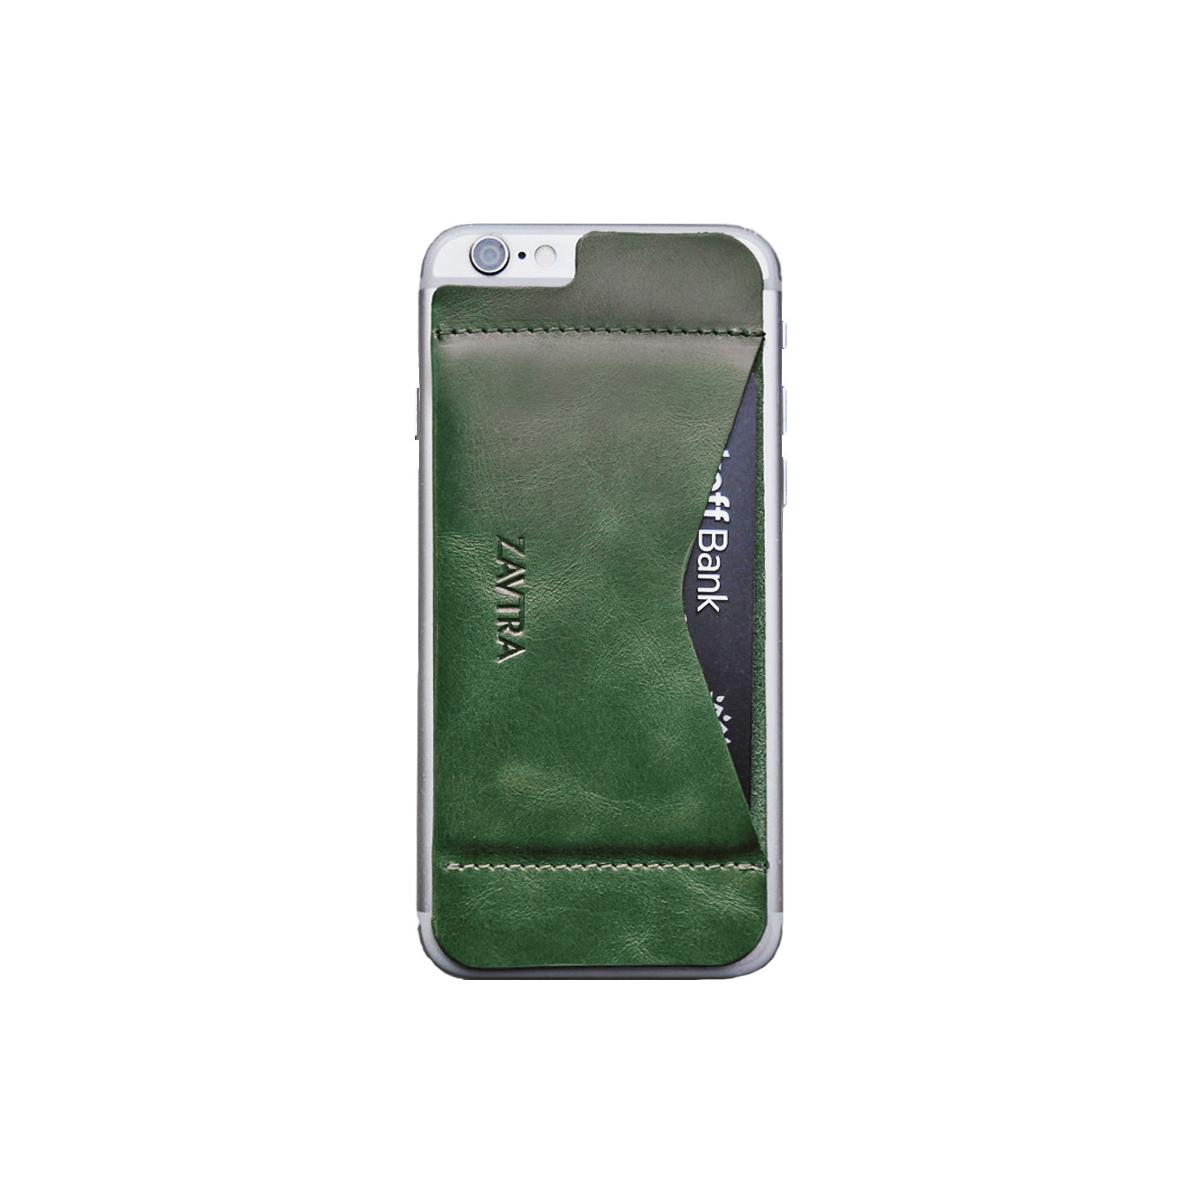 Кошелек Zavtra, цвет: темно-зеленый. zav02i6grezav02i6greДеньги изменились, а кошельки – нет. Сегодня не нужно носить с собой «котлеты» наличных или стопки кредитных карт, а большинство платежей можно сделать с помощью мобильного телефона. Мы решили сделать кошелёк, который отвечает запросам современного мира. Оригинальный формат продиктован изменившимся миром. Телефон и платежи теперь становятся по-настоящему неразделимы. Поэтому мы соединили финансы и смартфон в оригинальном и супер-удобном кошельке-накладке Zavtra.